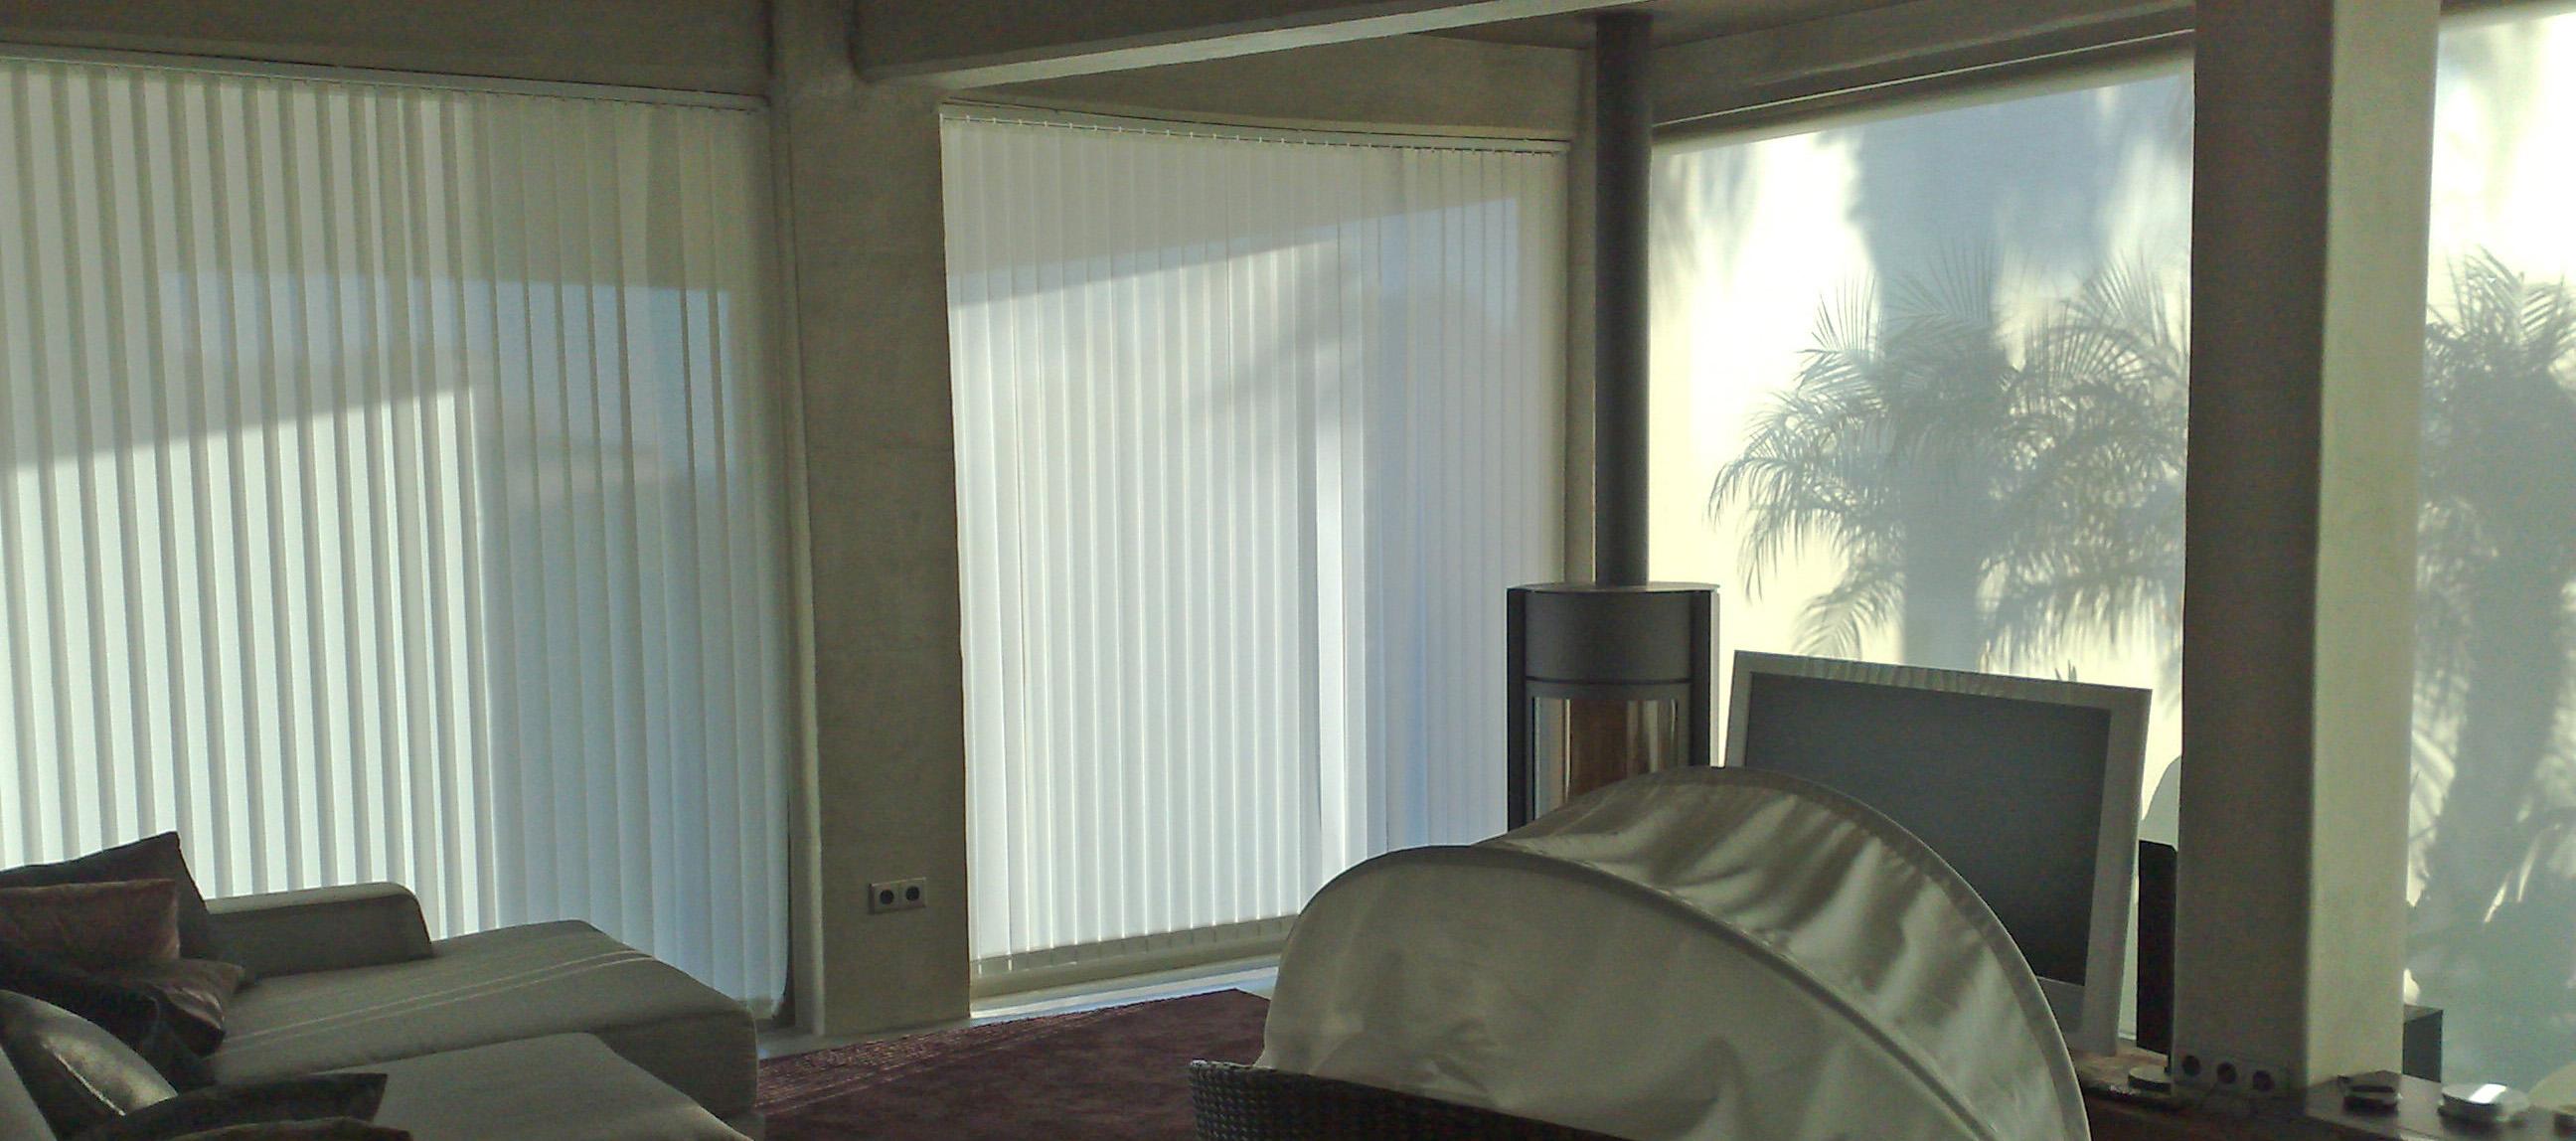 Instalación de cortinas de lamas verticales